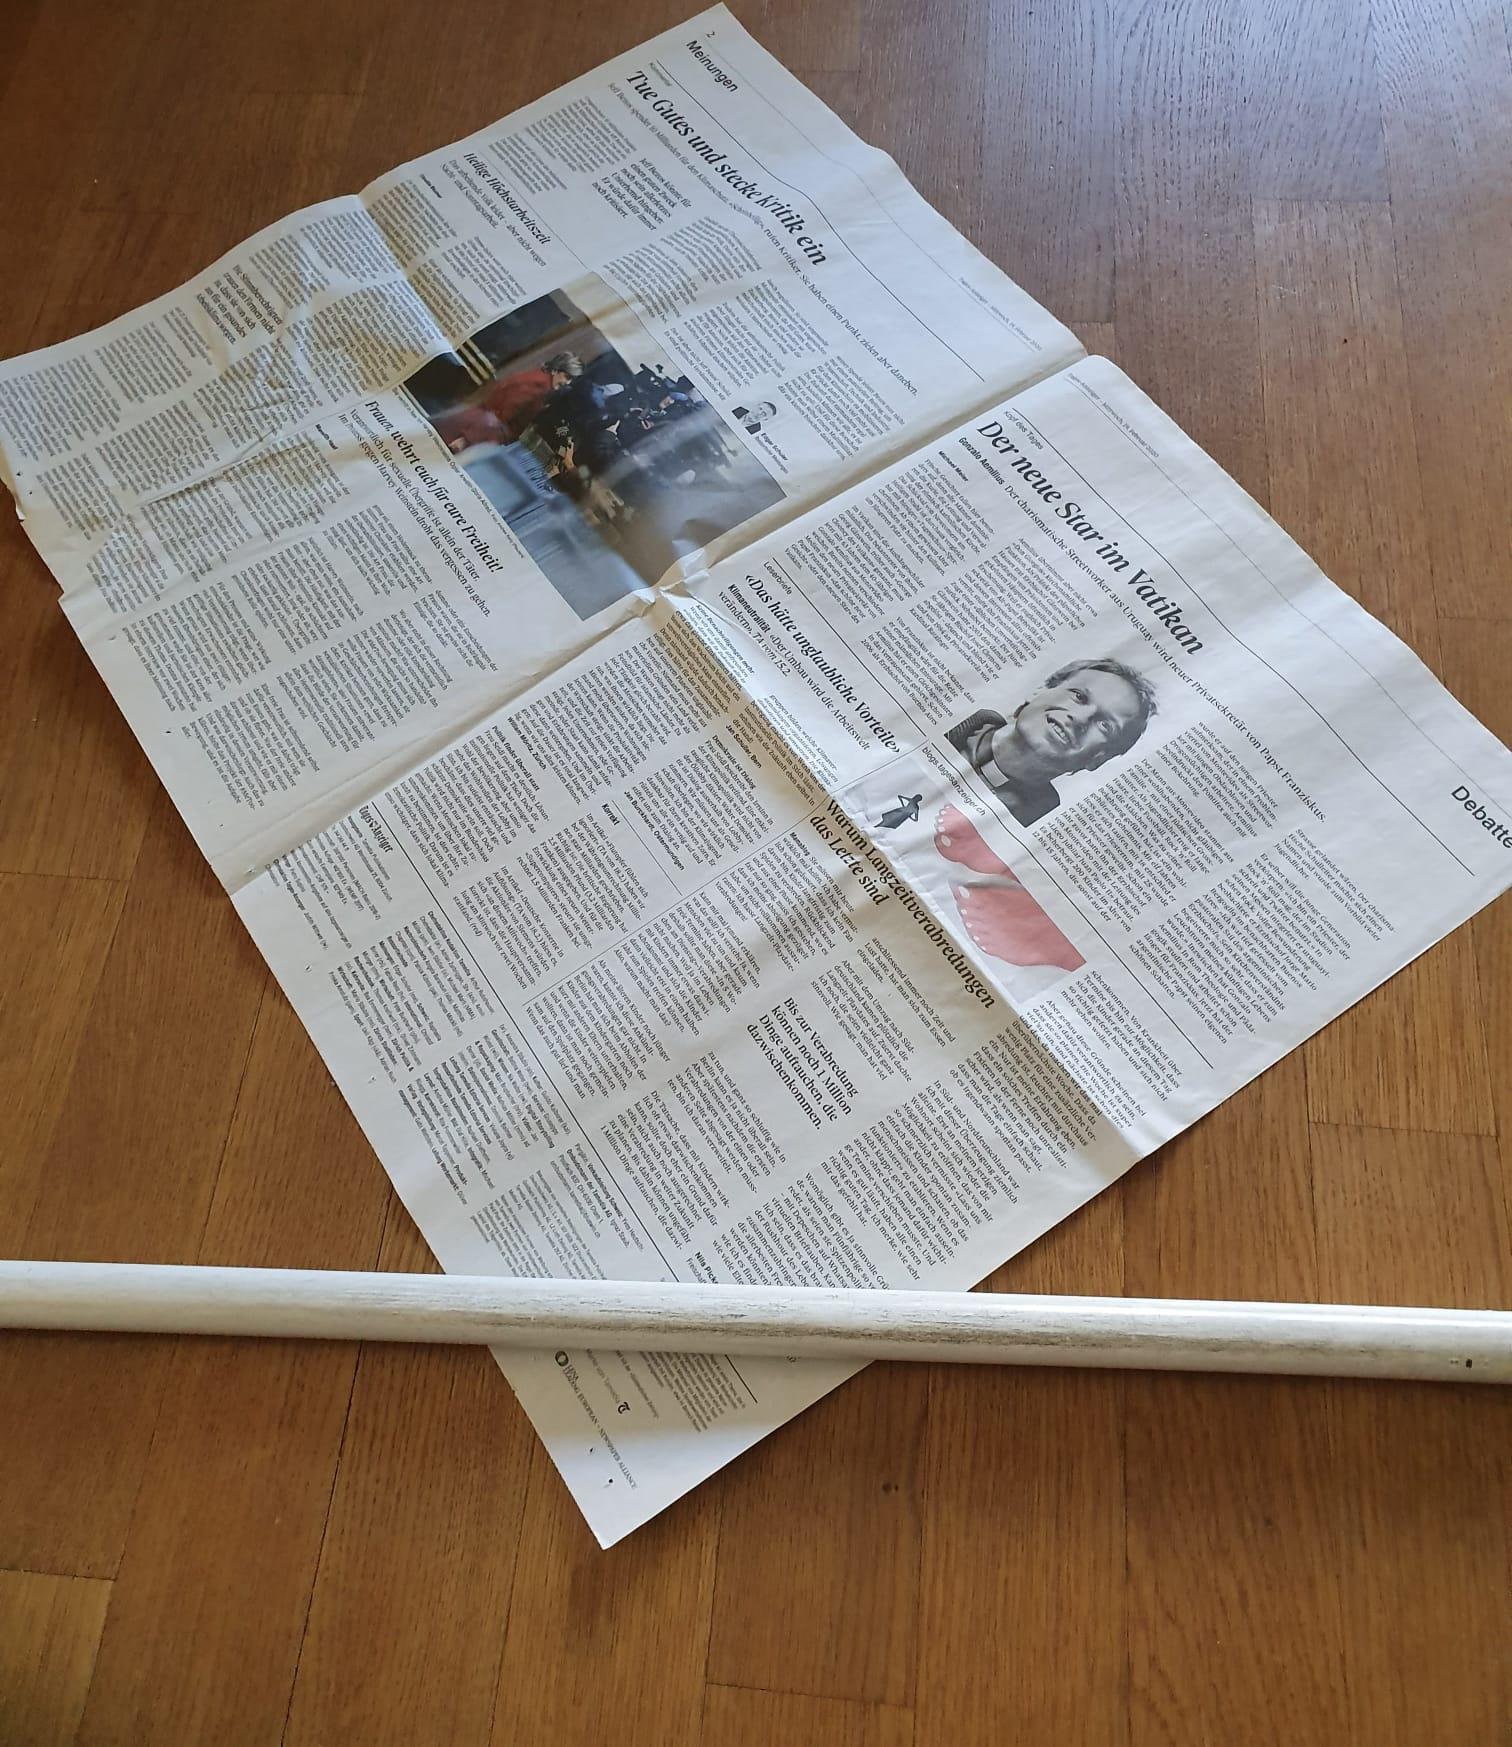 Du nimmst ein Blatt Zeitung. Du legst den Stab in eine Ecke.